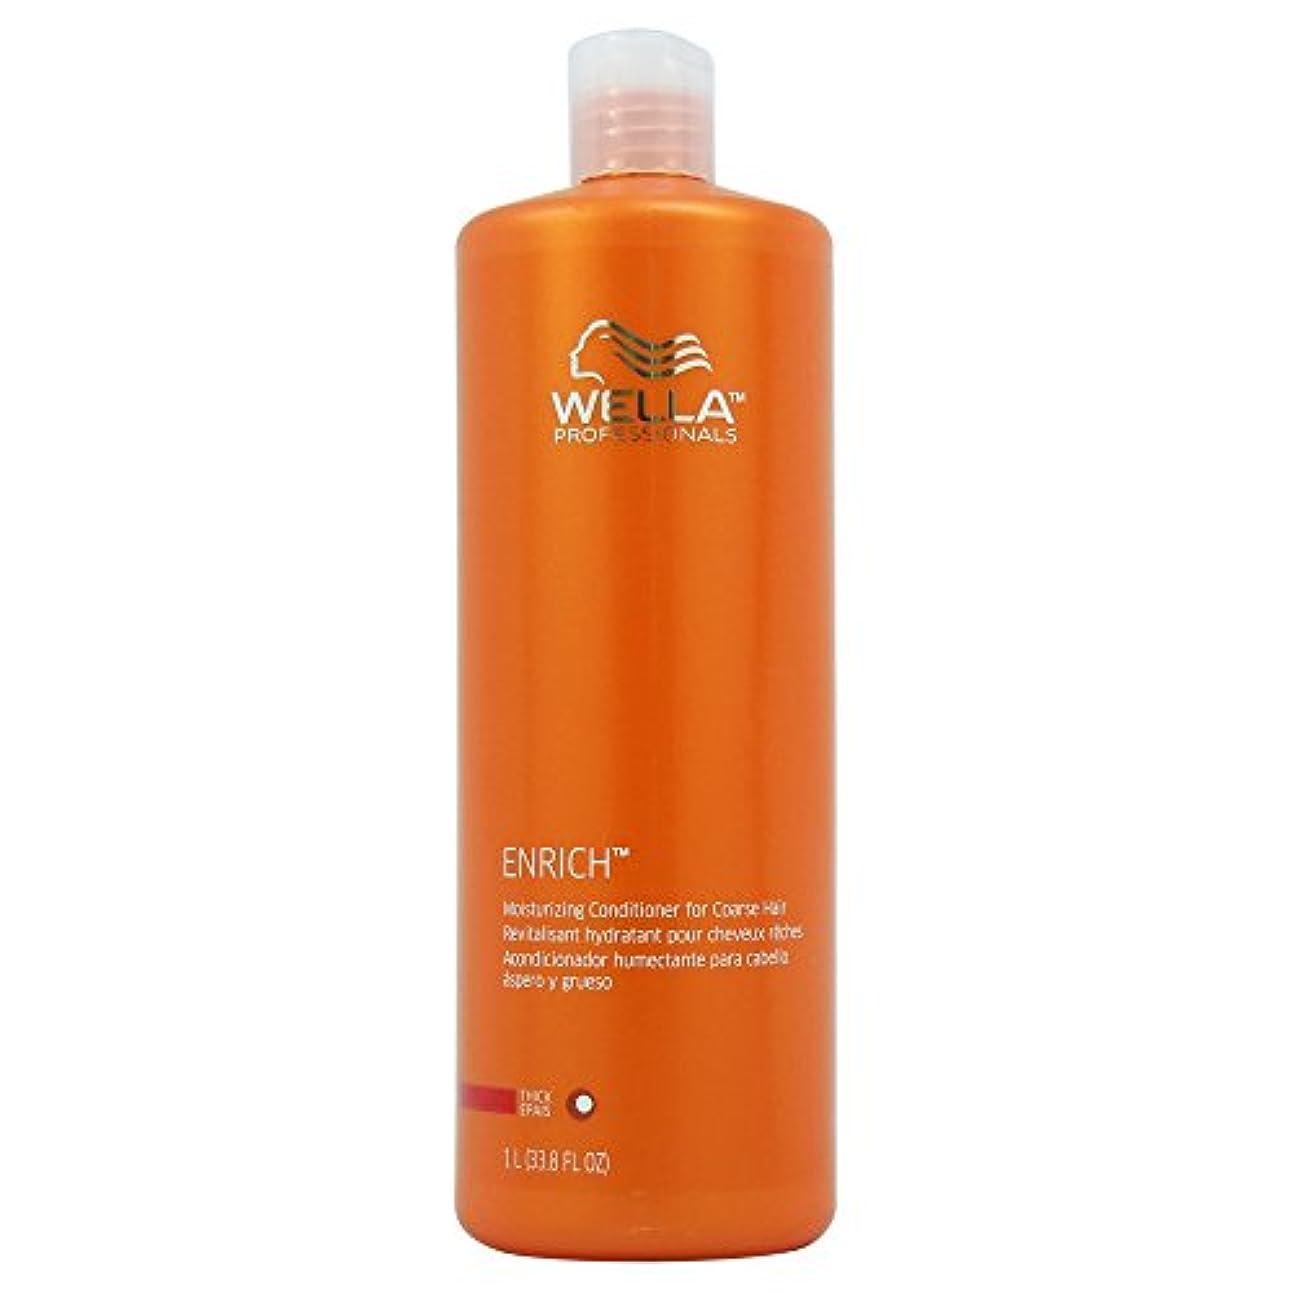 修士号グラス慈善Wella Enriched Moisturizing Conditioner for Coarse Hair for Unisex, 33.8 Ounce by Wella